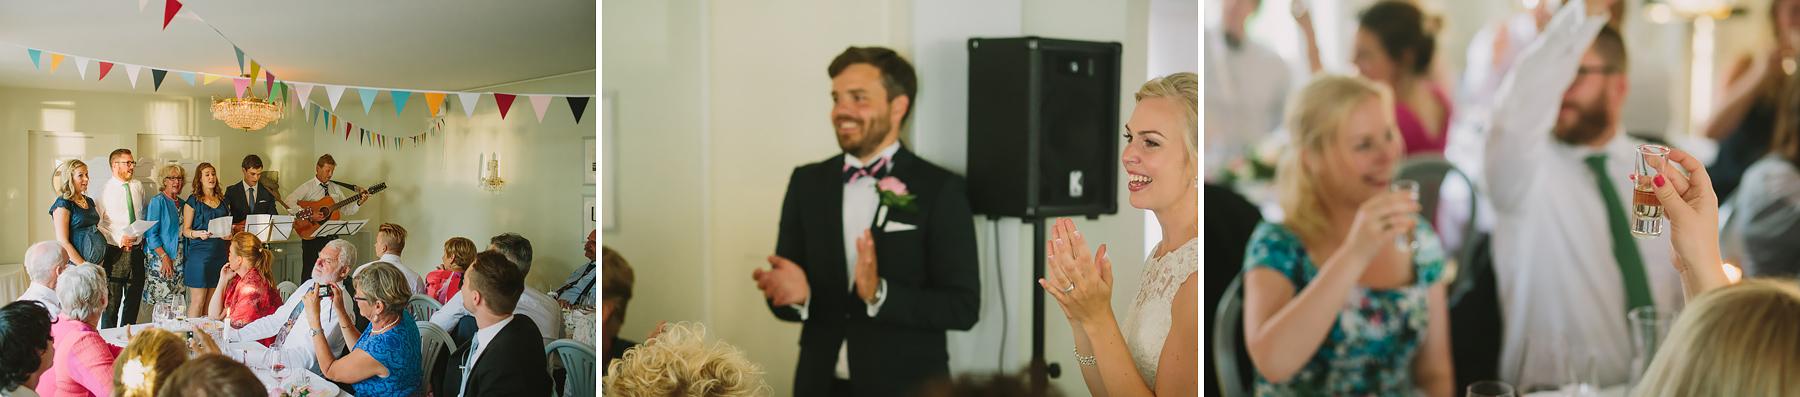 Snaps och snapsvisor bröllop